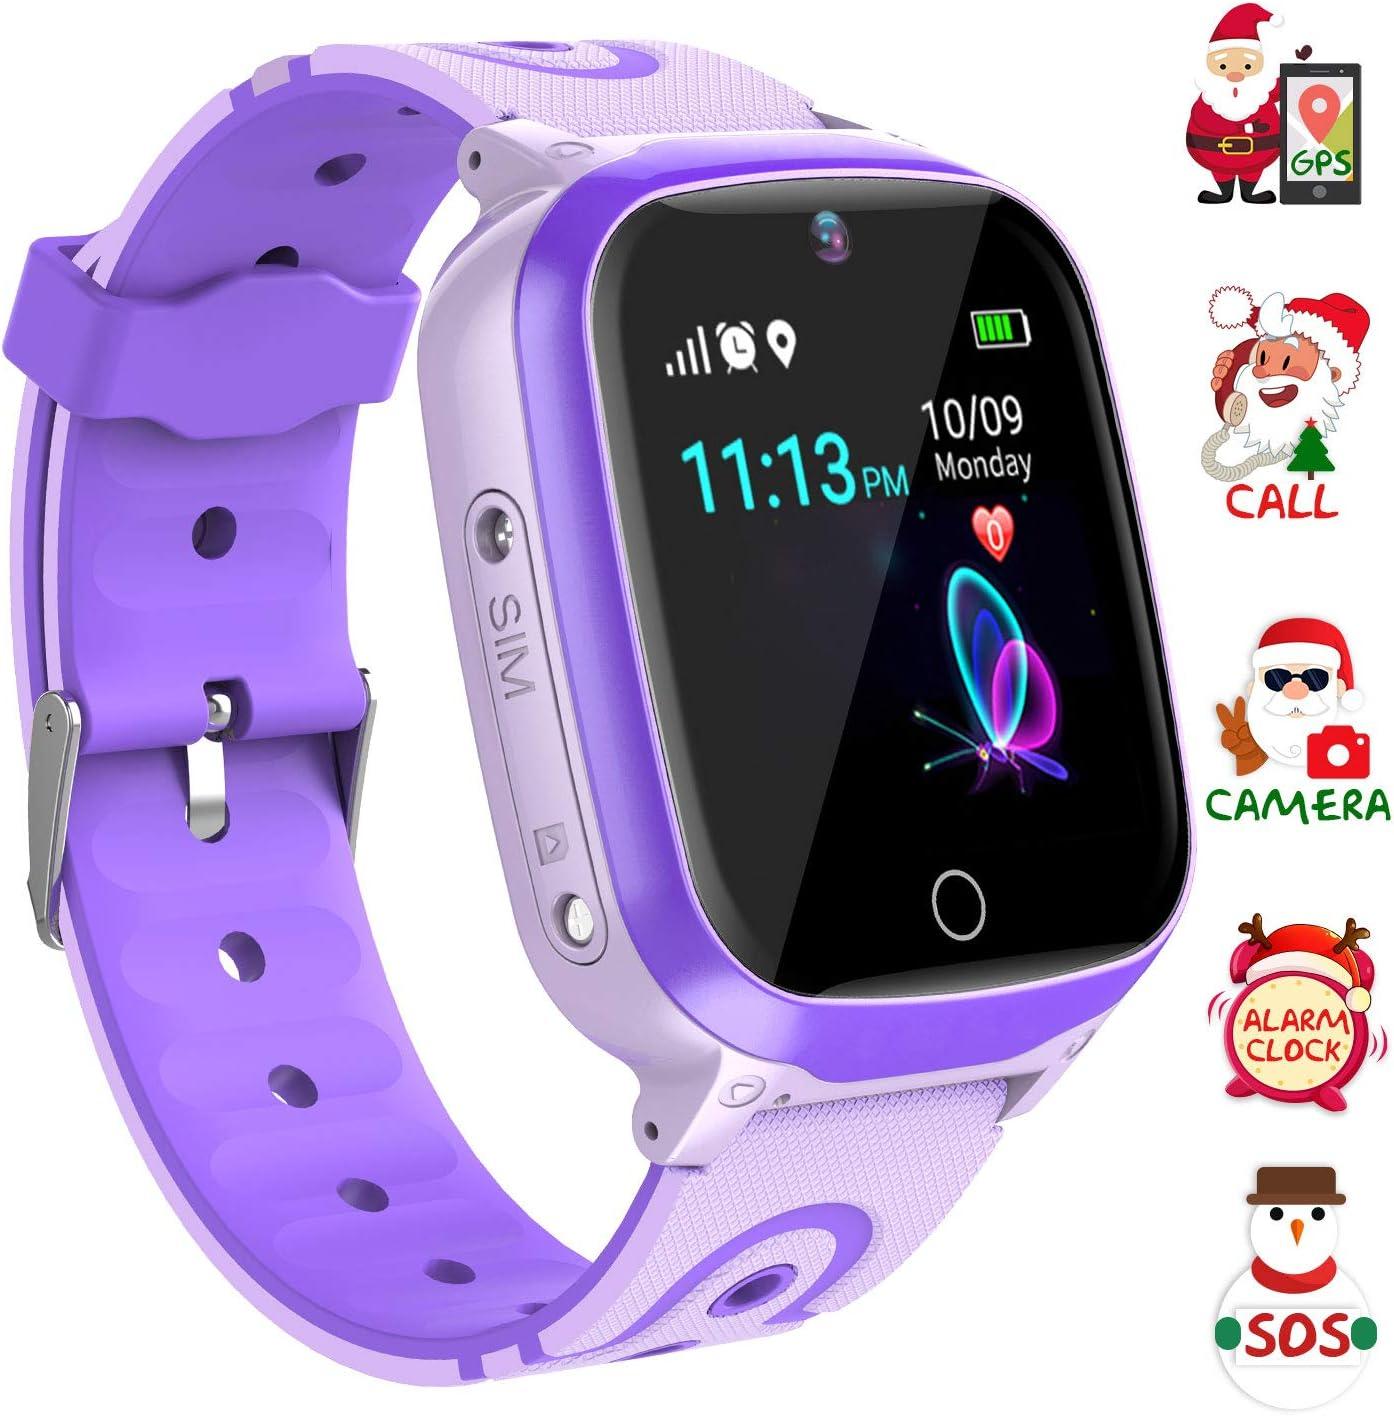 Relojes para Niños GPS - WiFi + GPS Tracker Smart Watch IP67 Relojes Inteligentes a Prueba de Agua con Llamada Cámara SOS Chat de Voz Juegos de cumpleaños de Vacaciones para niños